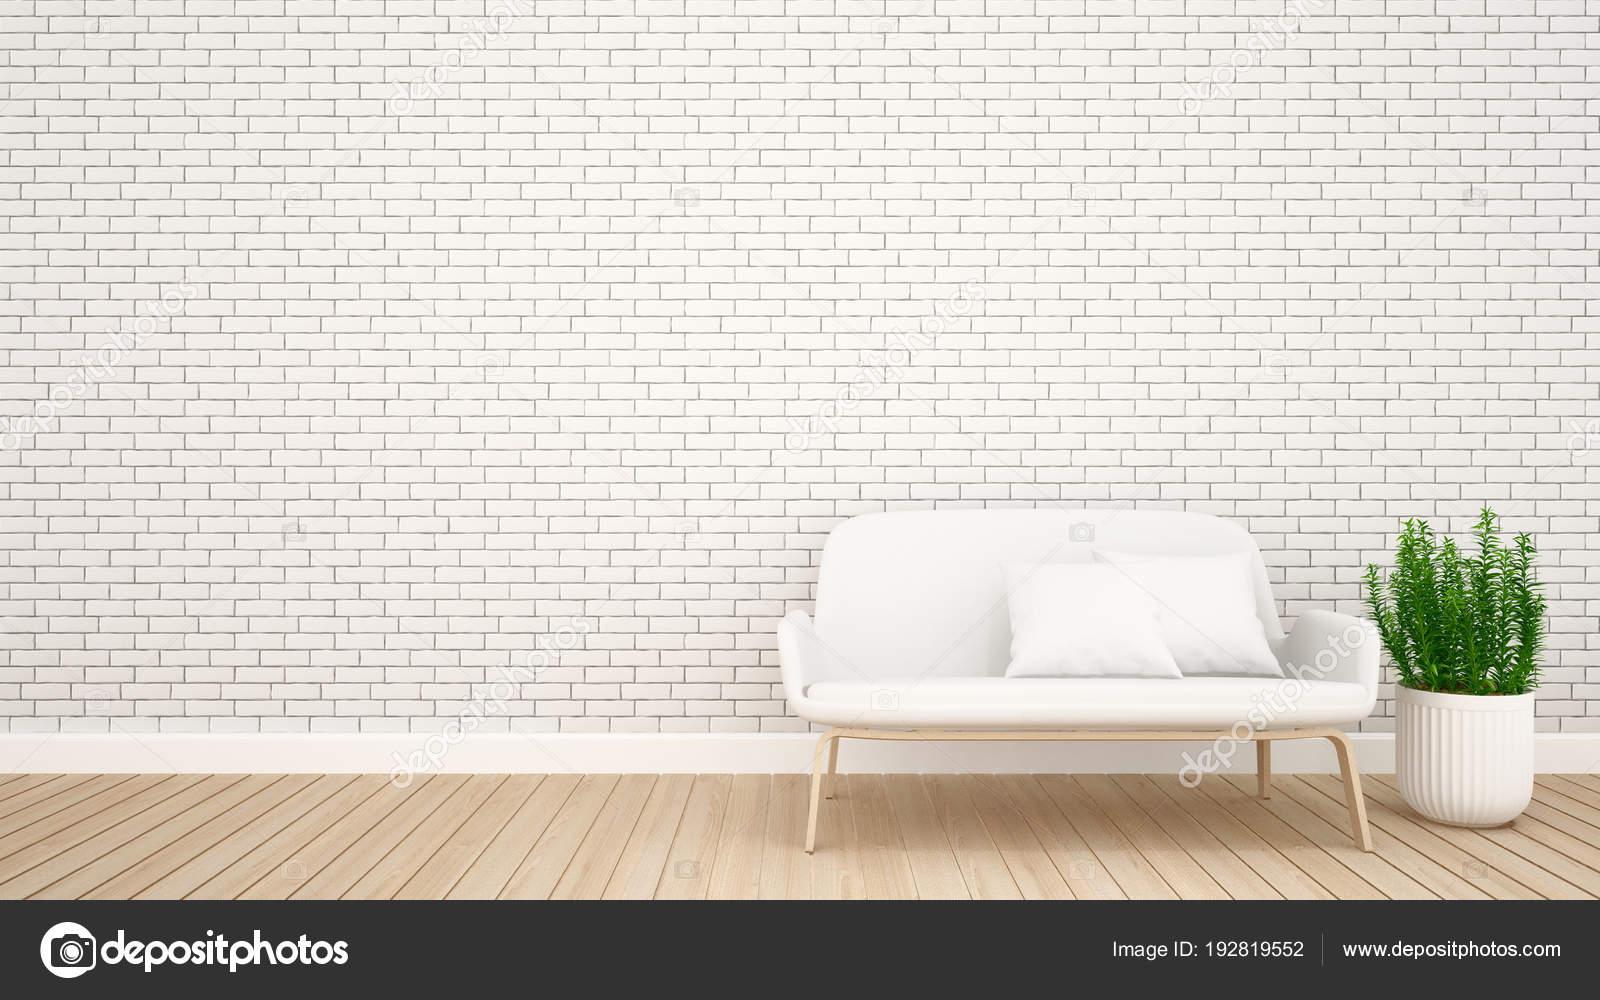 https://st3.depositphotos.com/8159076/19281/i/1600/depositphotos_192819552-stockafbeelding-woonkamer-baksteen-decoratie-in-appartement.jpg